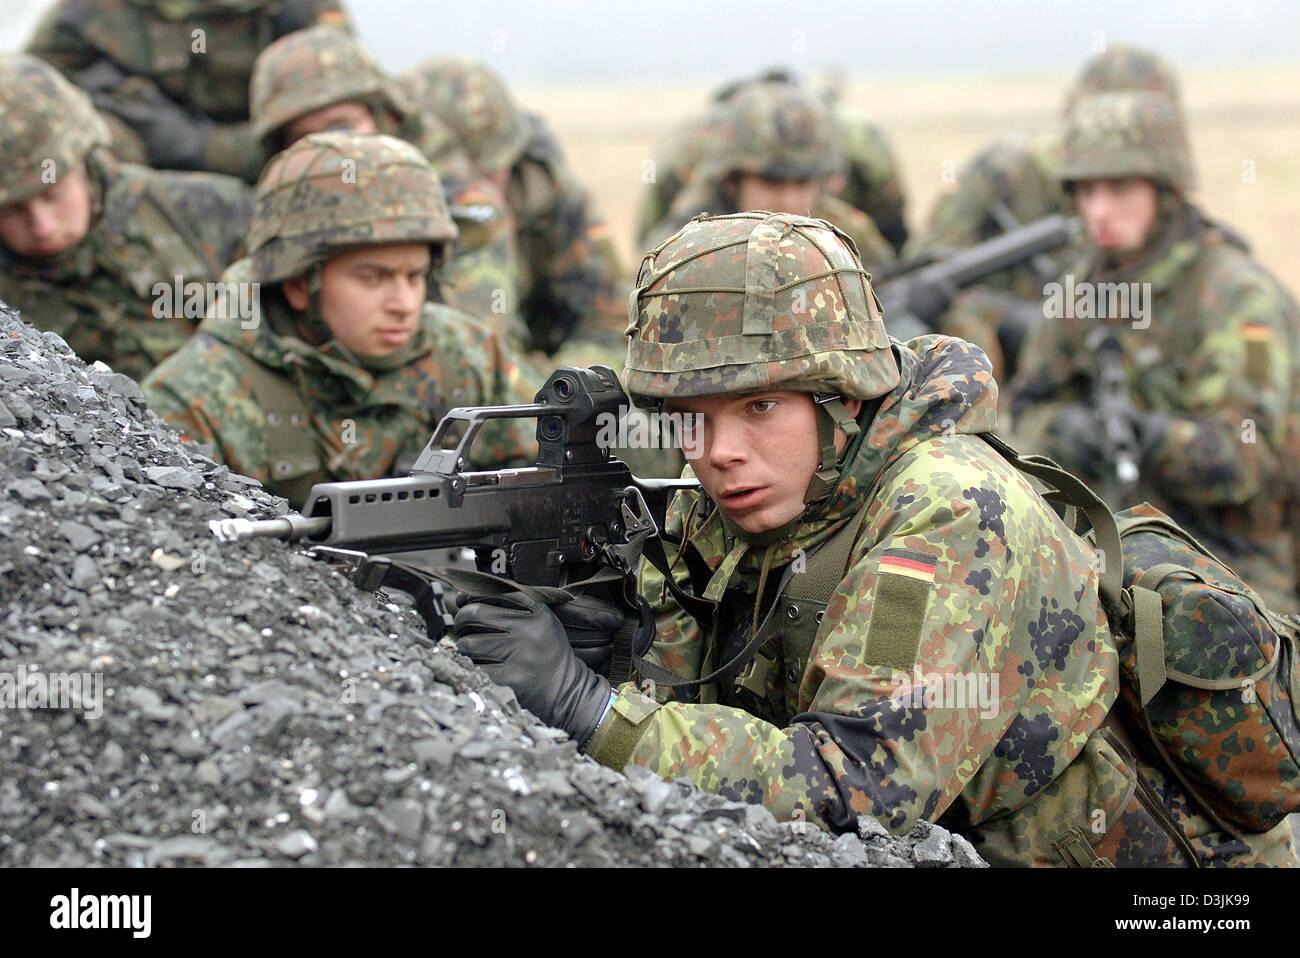 dpa eine gruppe von rekruten der bundeswehr armee tragen typ g 36 gewehre wie sie. Black Bedroom Furniture Sets. Home Design Ideas